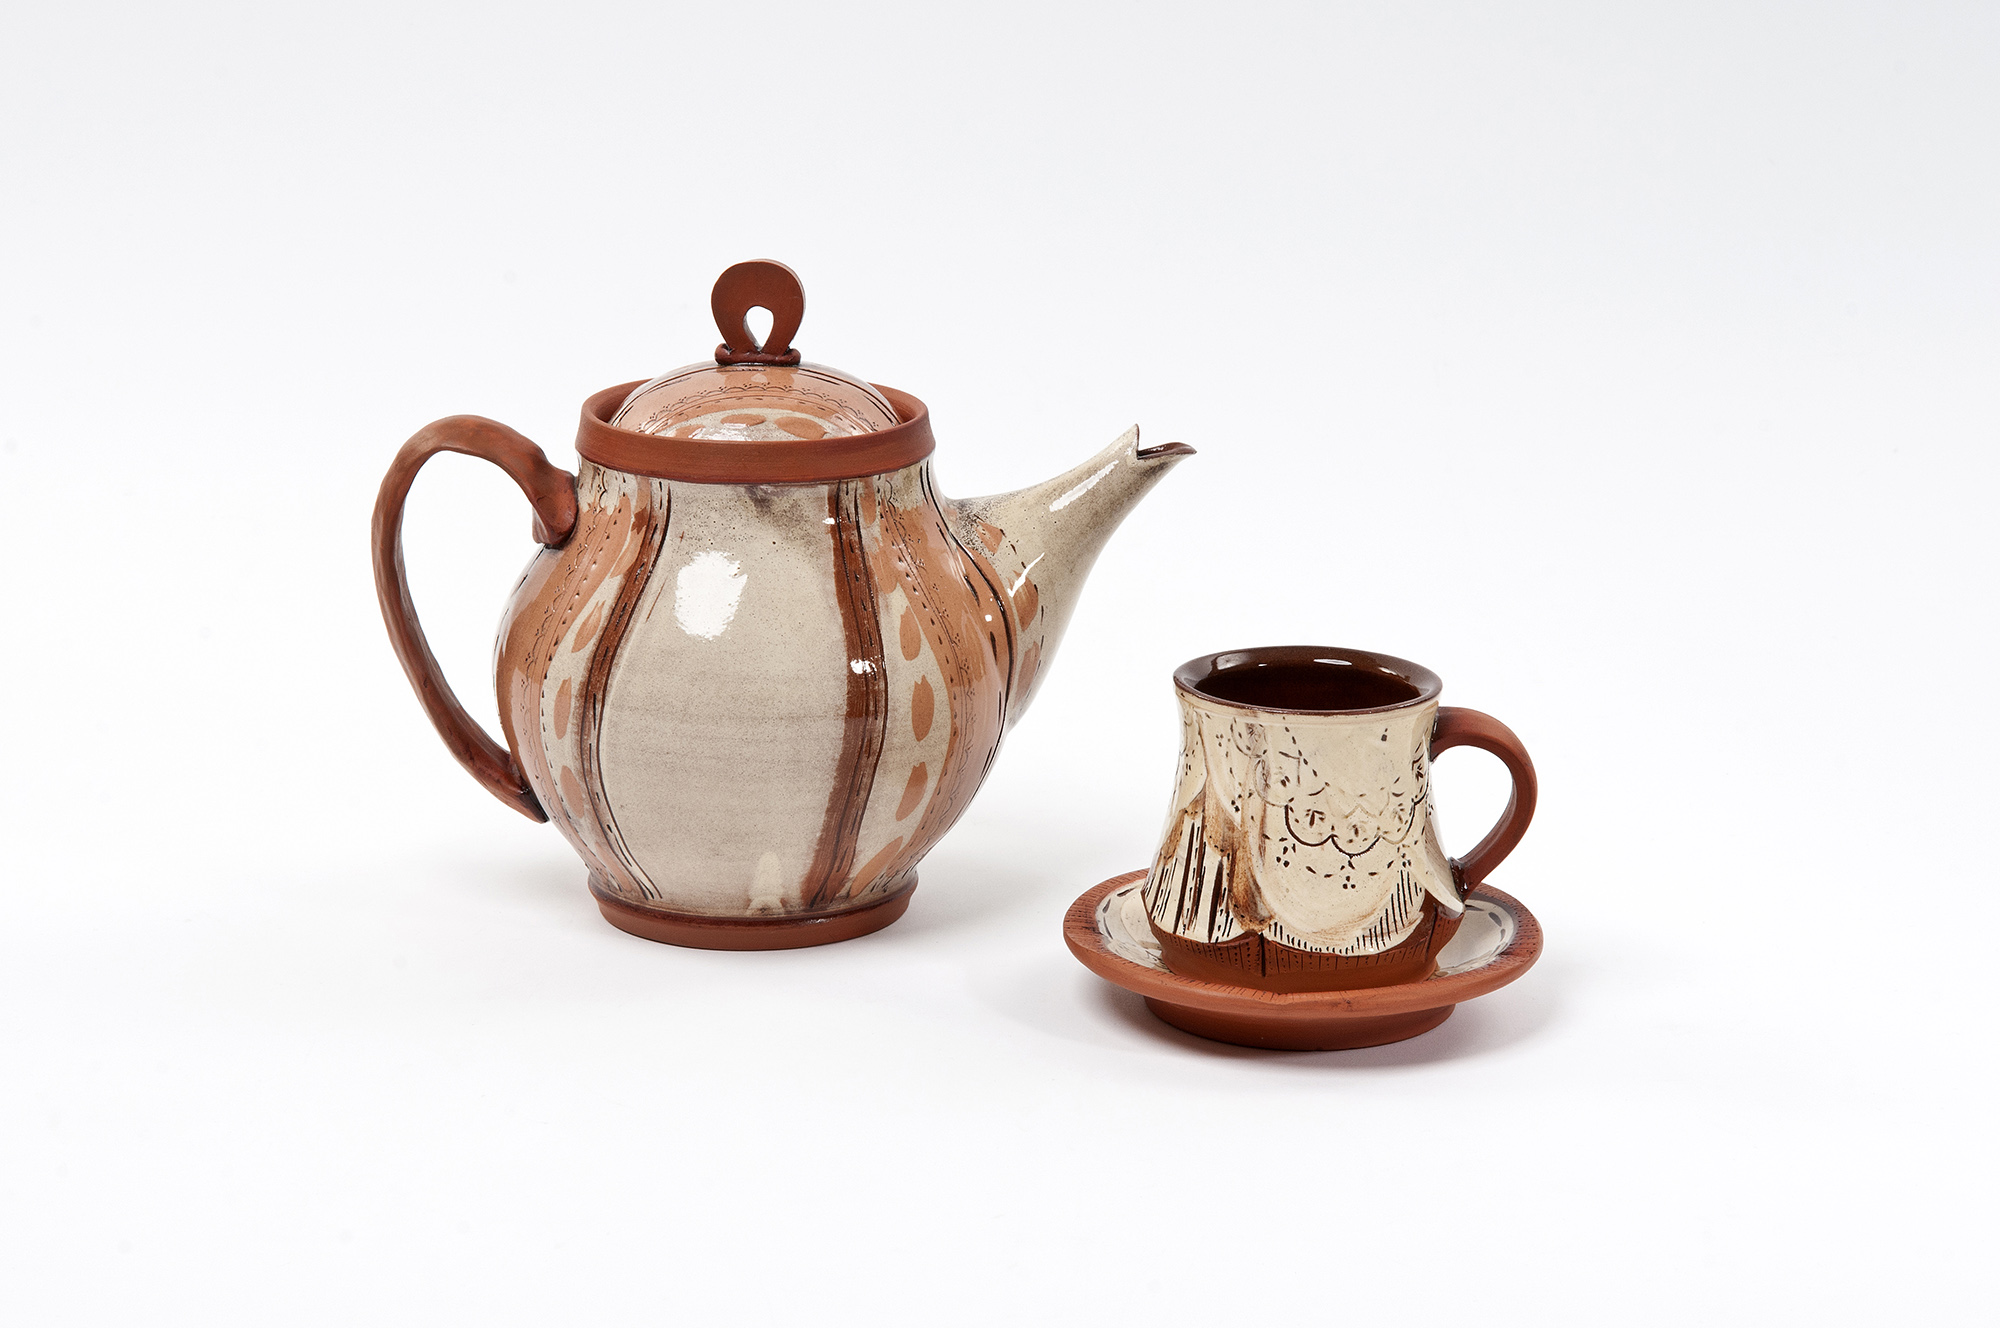 40 VCDAWES_TeapotandCup.jpg